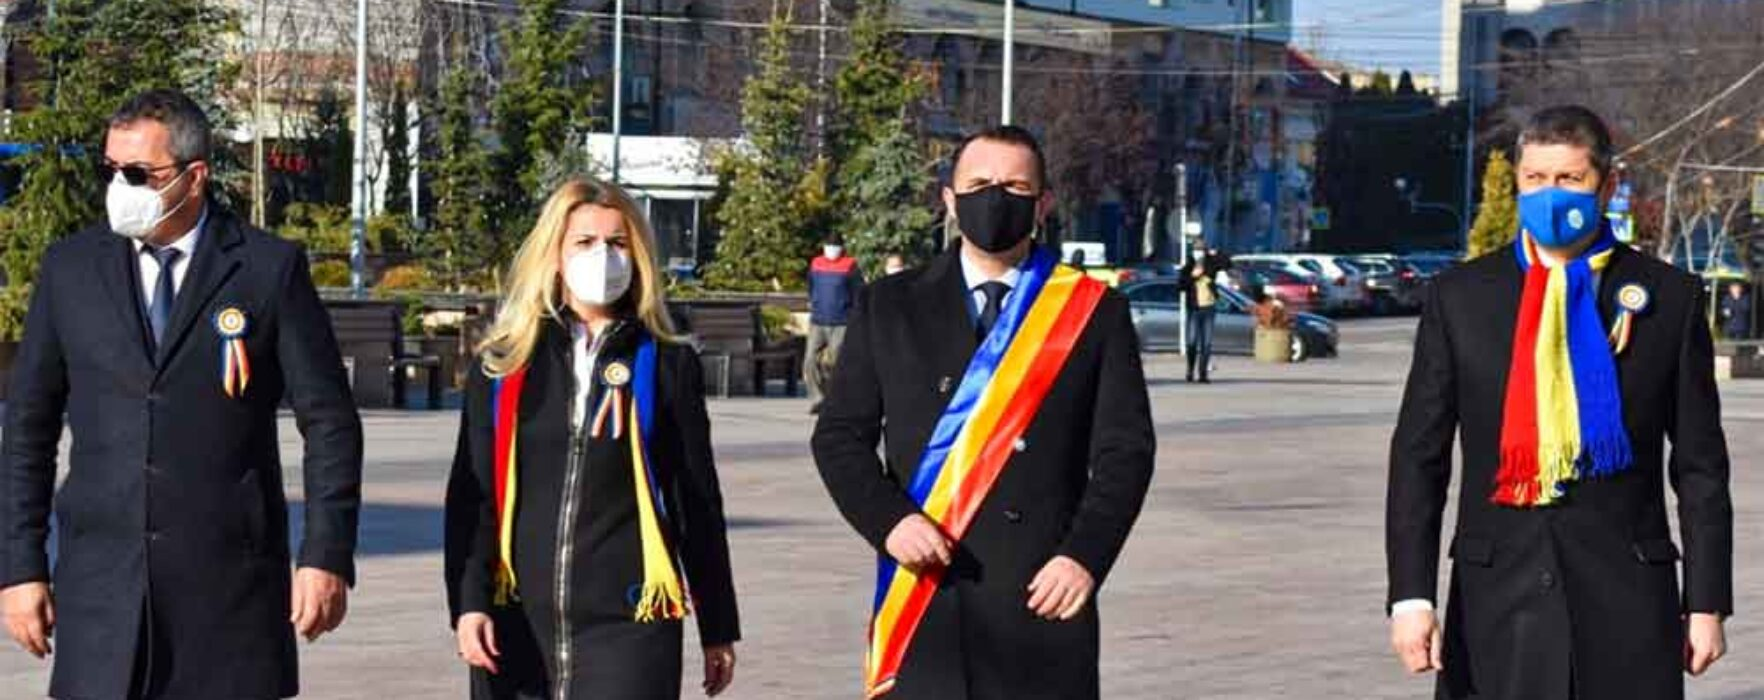 #1Decembrie Cristian Stan, primar Târgovişte: Astăzi, mai mult ca oricând, avem nevoie să ne strigăm iubirea de țară!